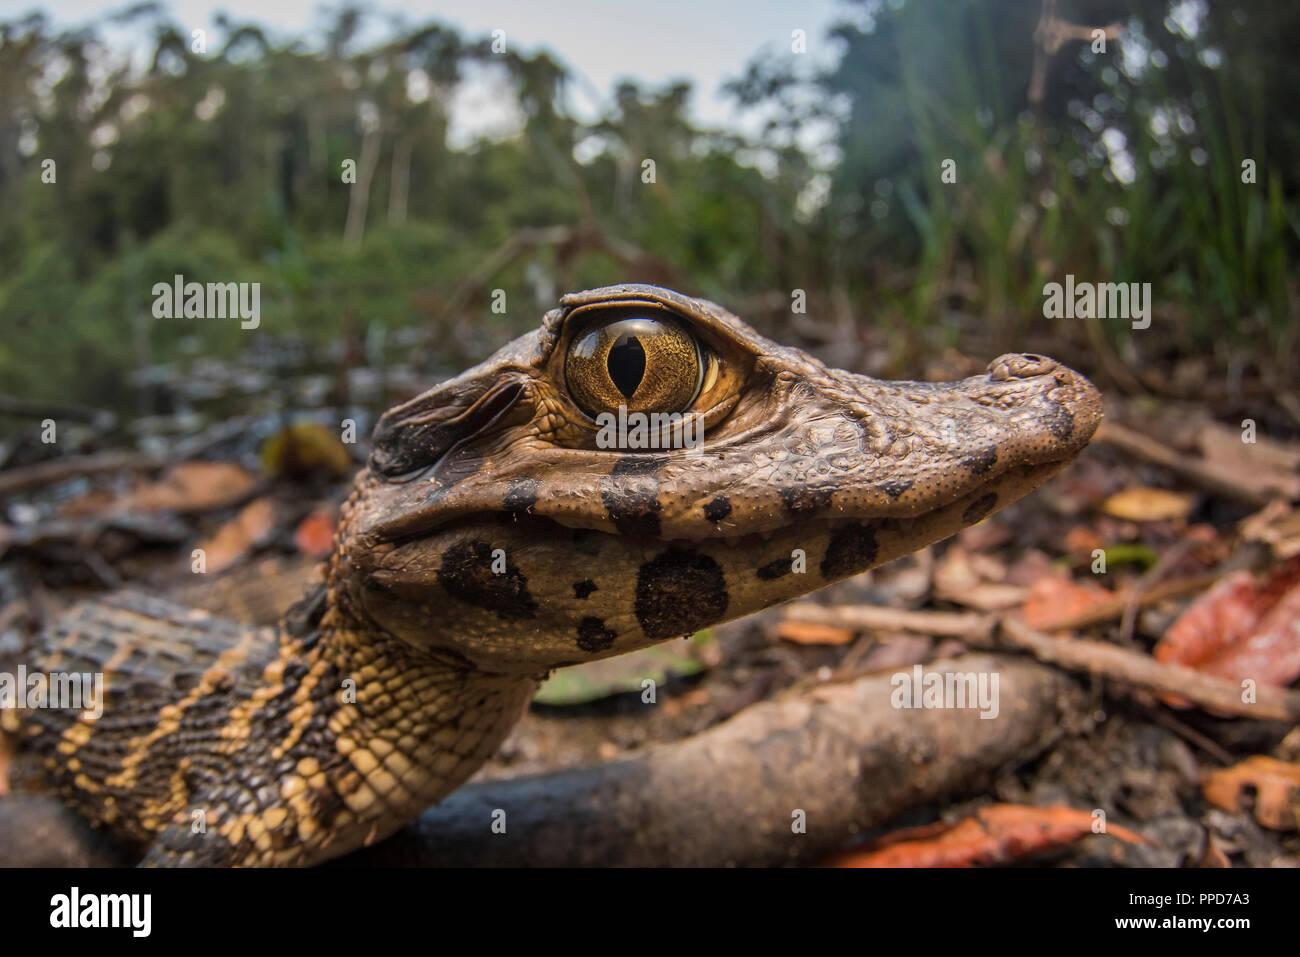 Un jeune caïman noir (Melanosuchus niger), lorsque celui-ci grandit, il sera un apex prédateur de l'Amazonie. Celui-ci est au soleil le long du lac. Photo Stock